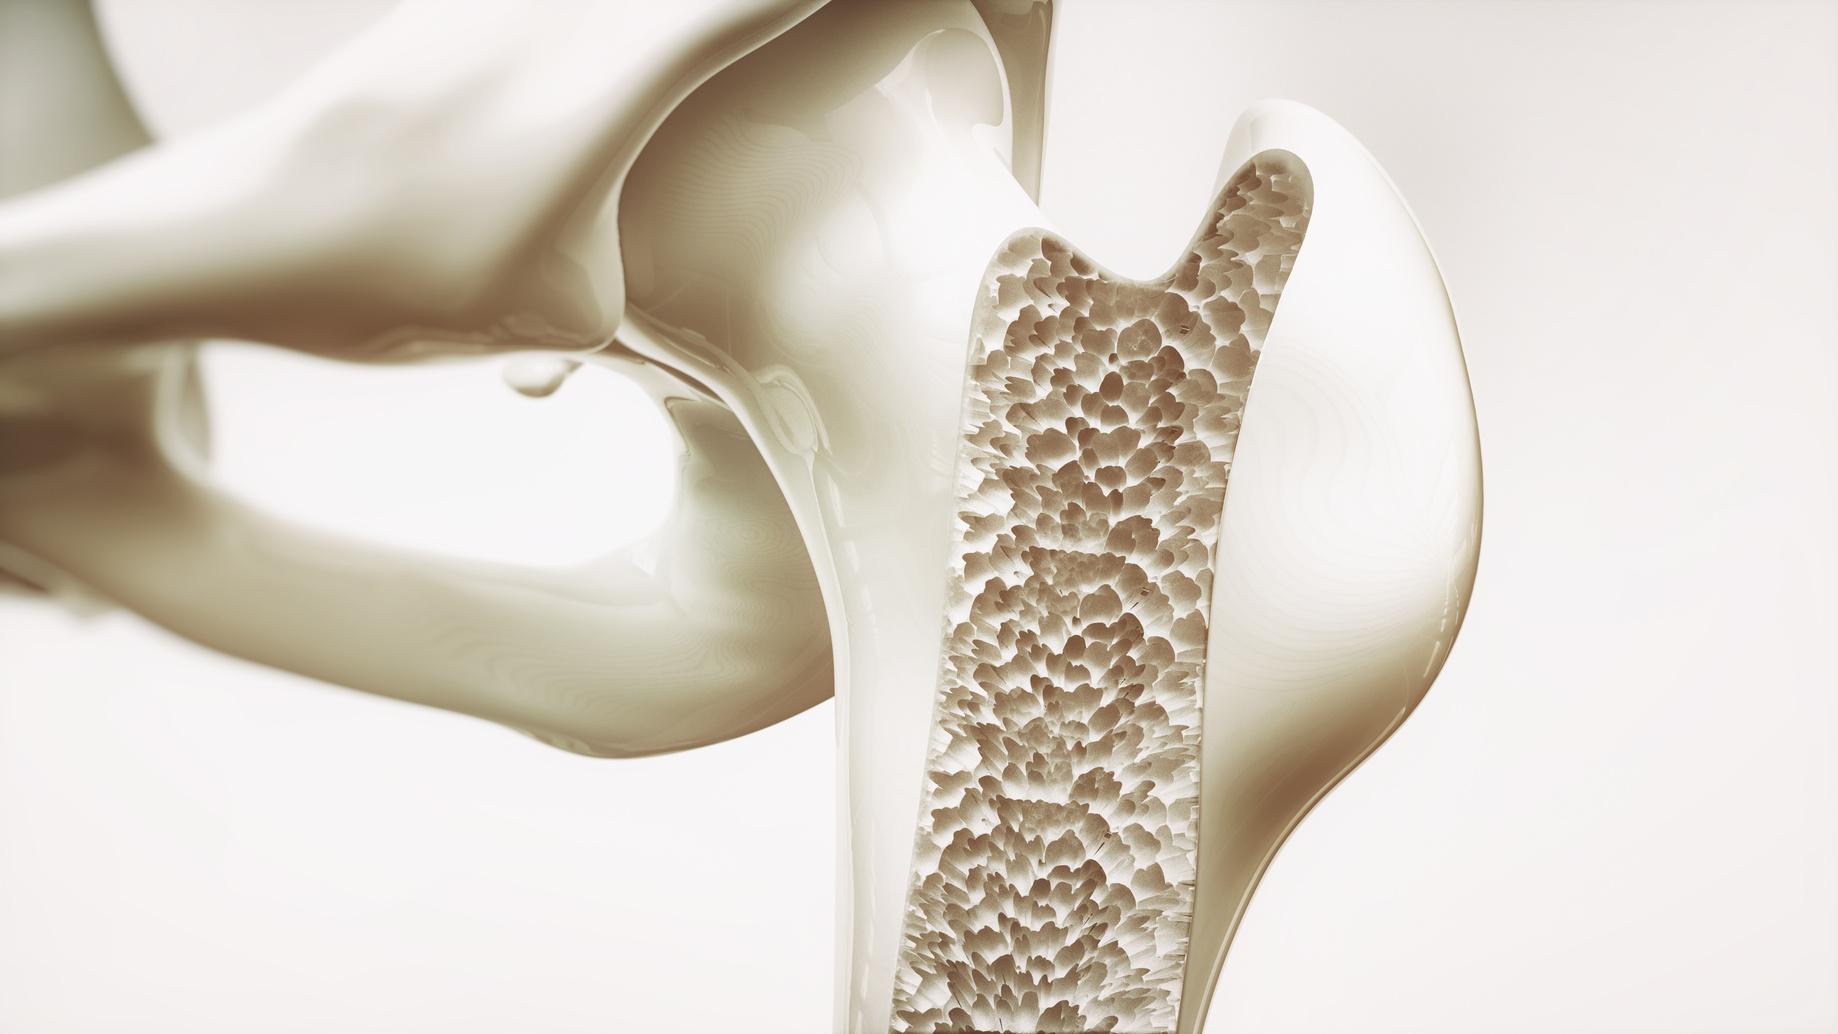 Leczenie osteoporozy – tę chorobę da się powstrzymać